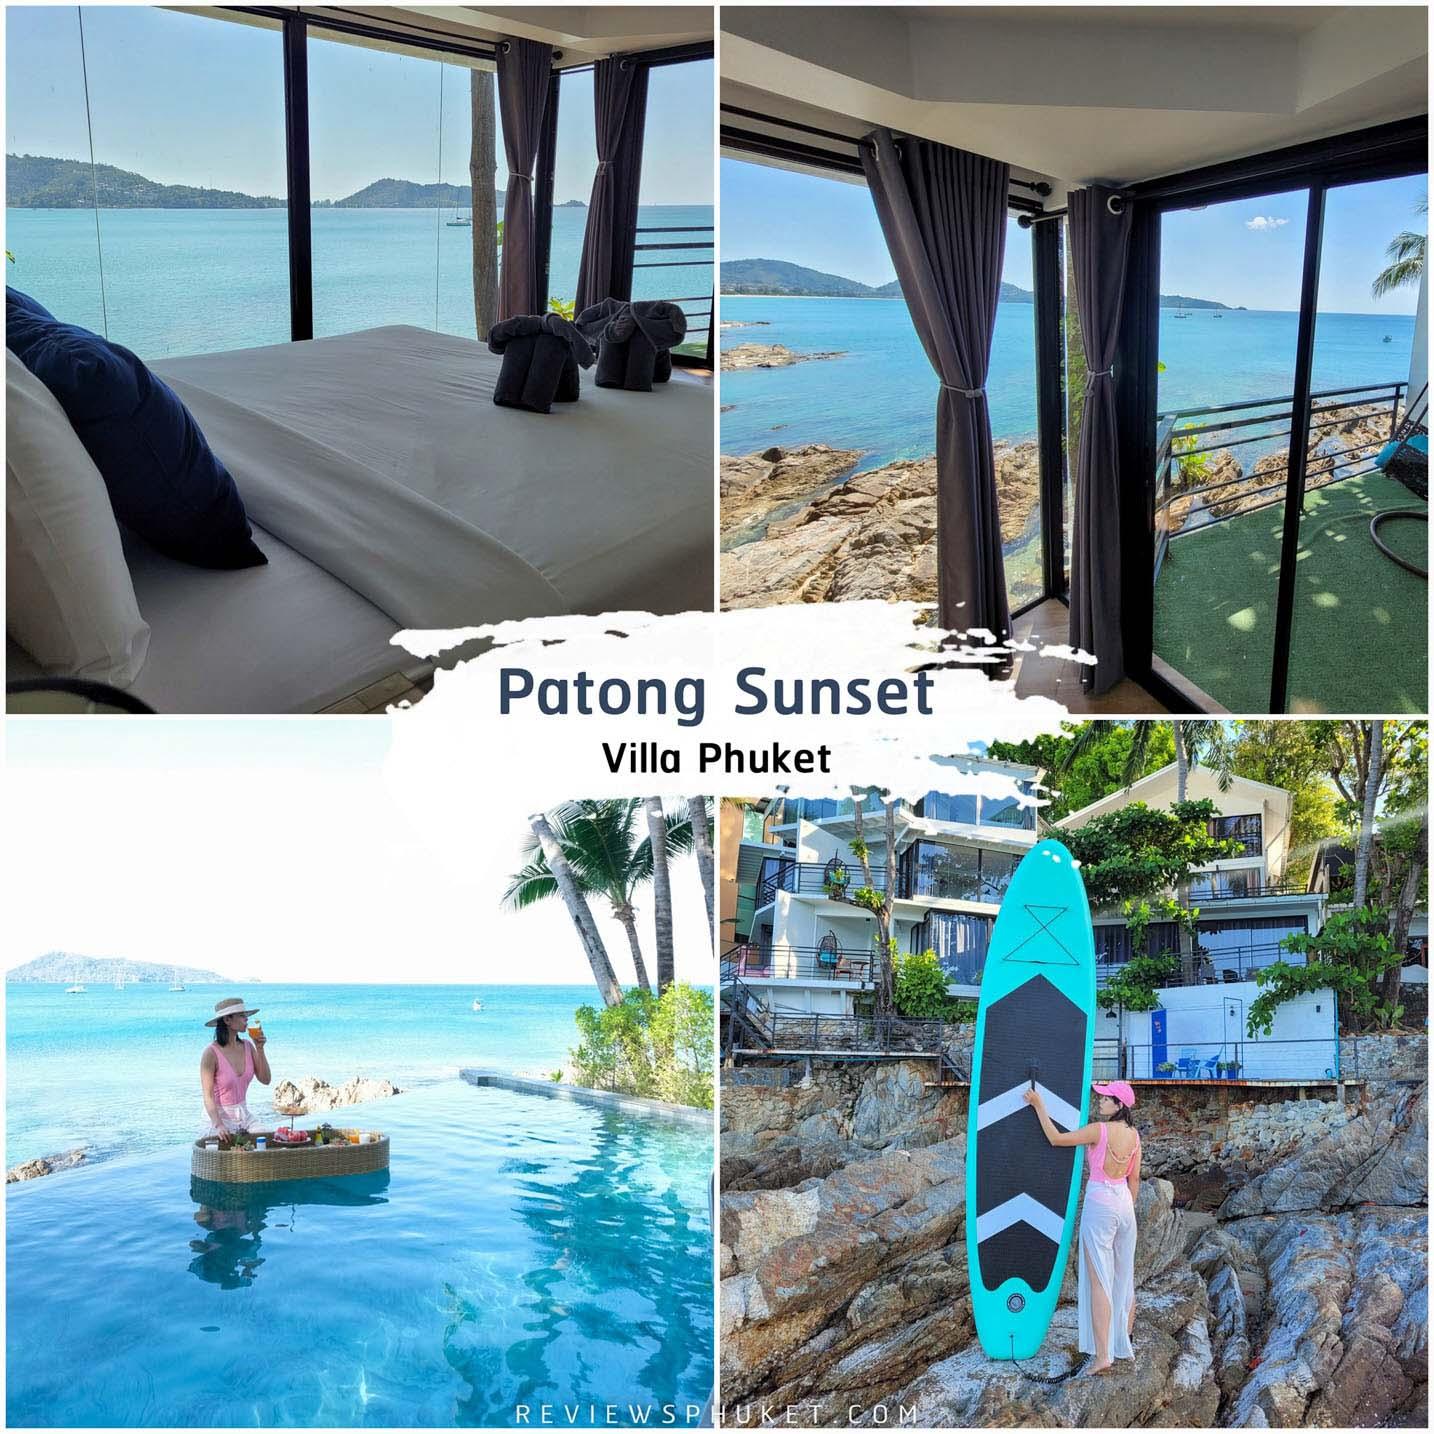 Patong Sunset Villa